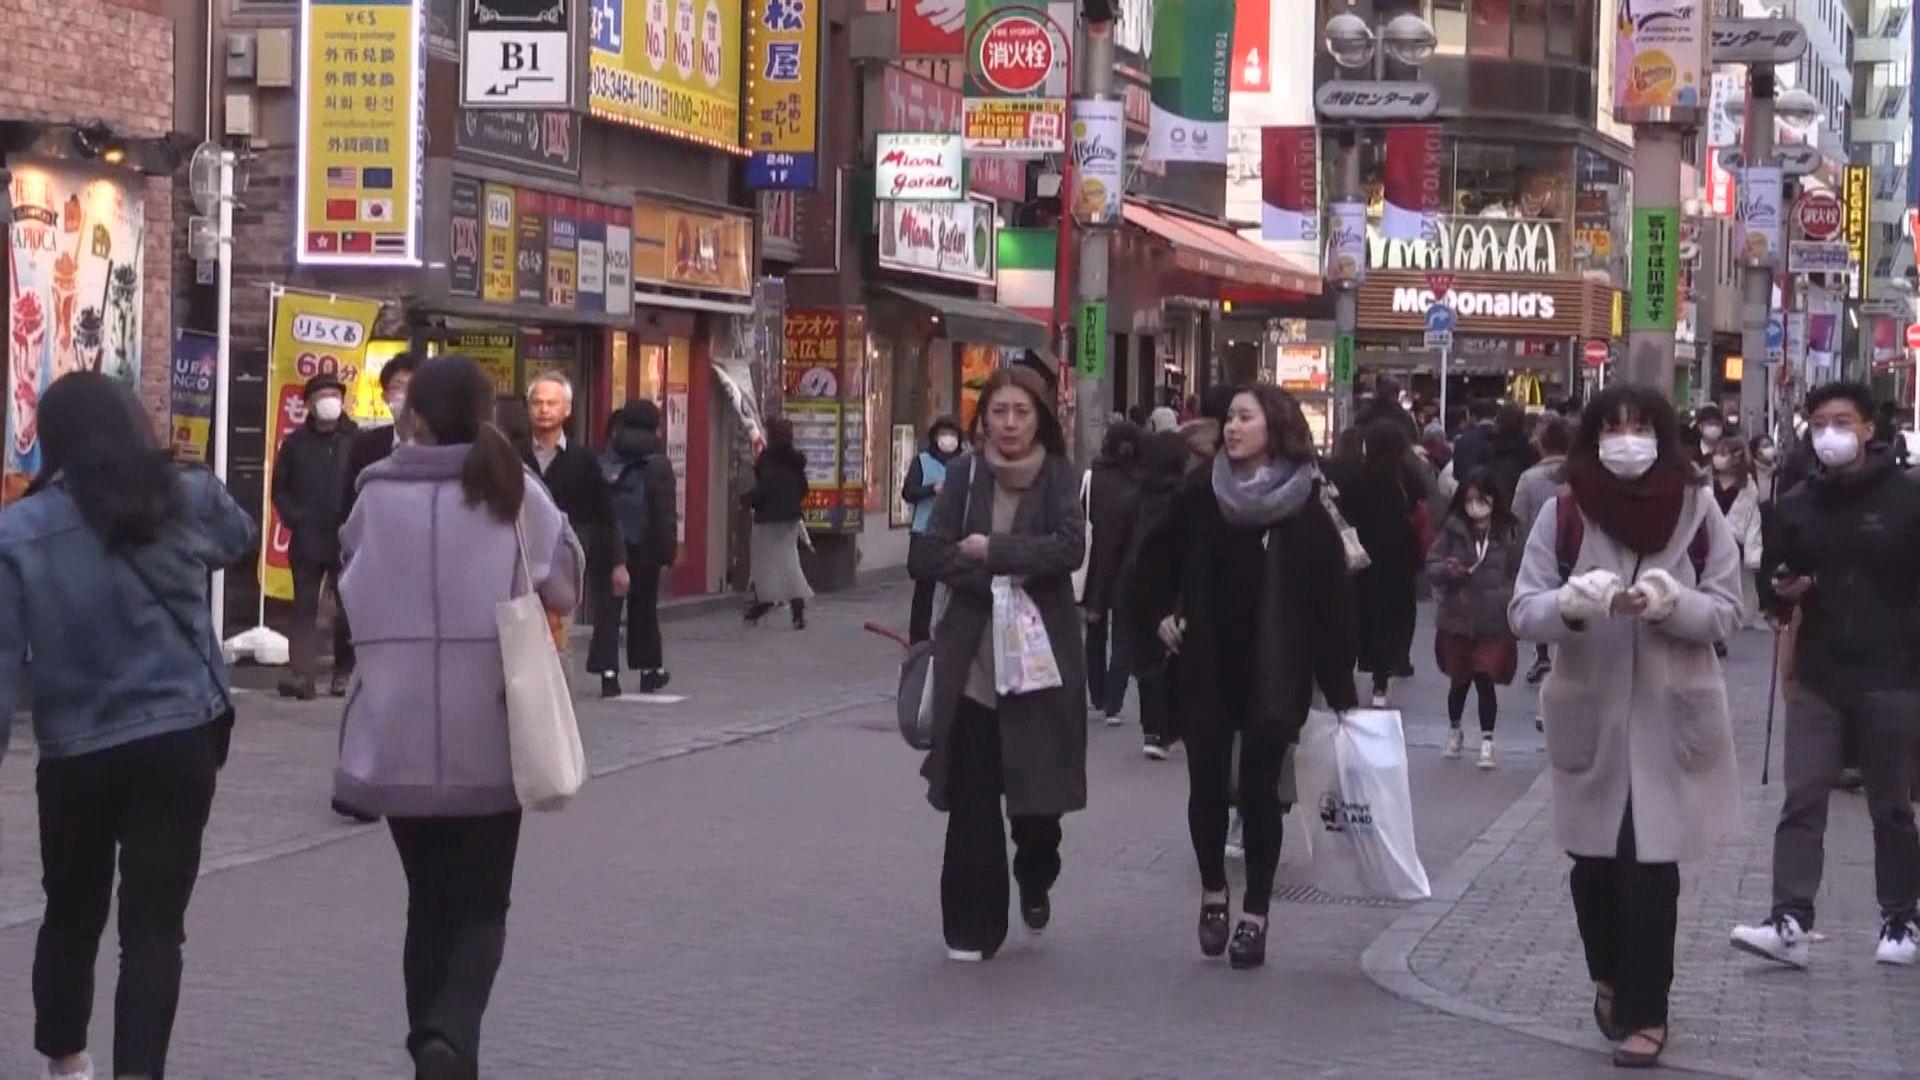 日本東京都確診病例創單日新高 東京等地病床供應緊張